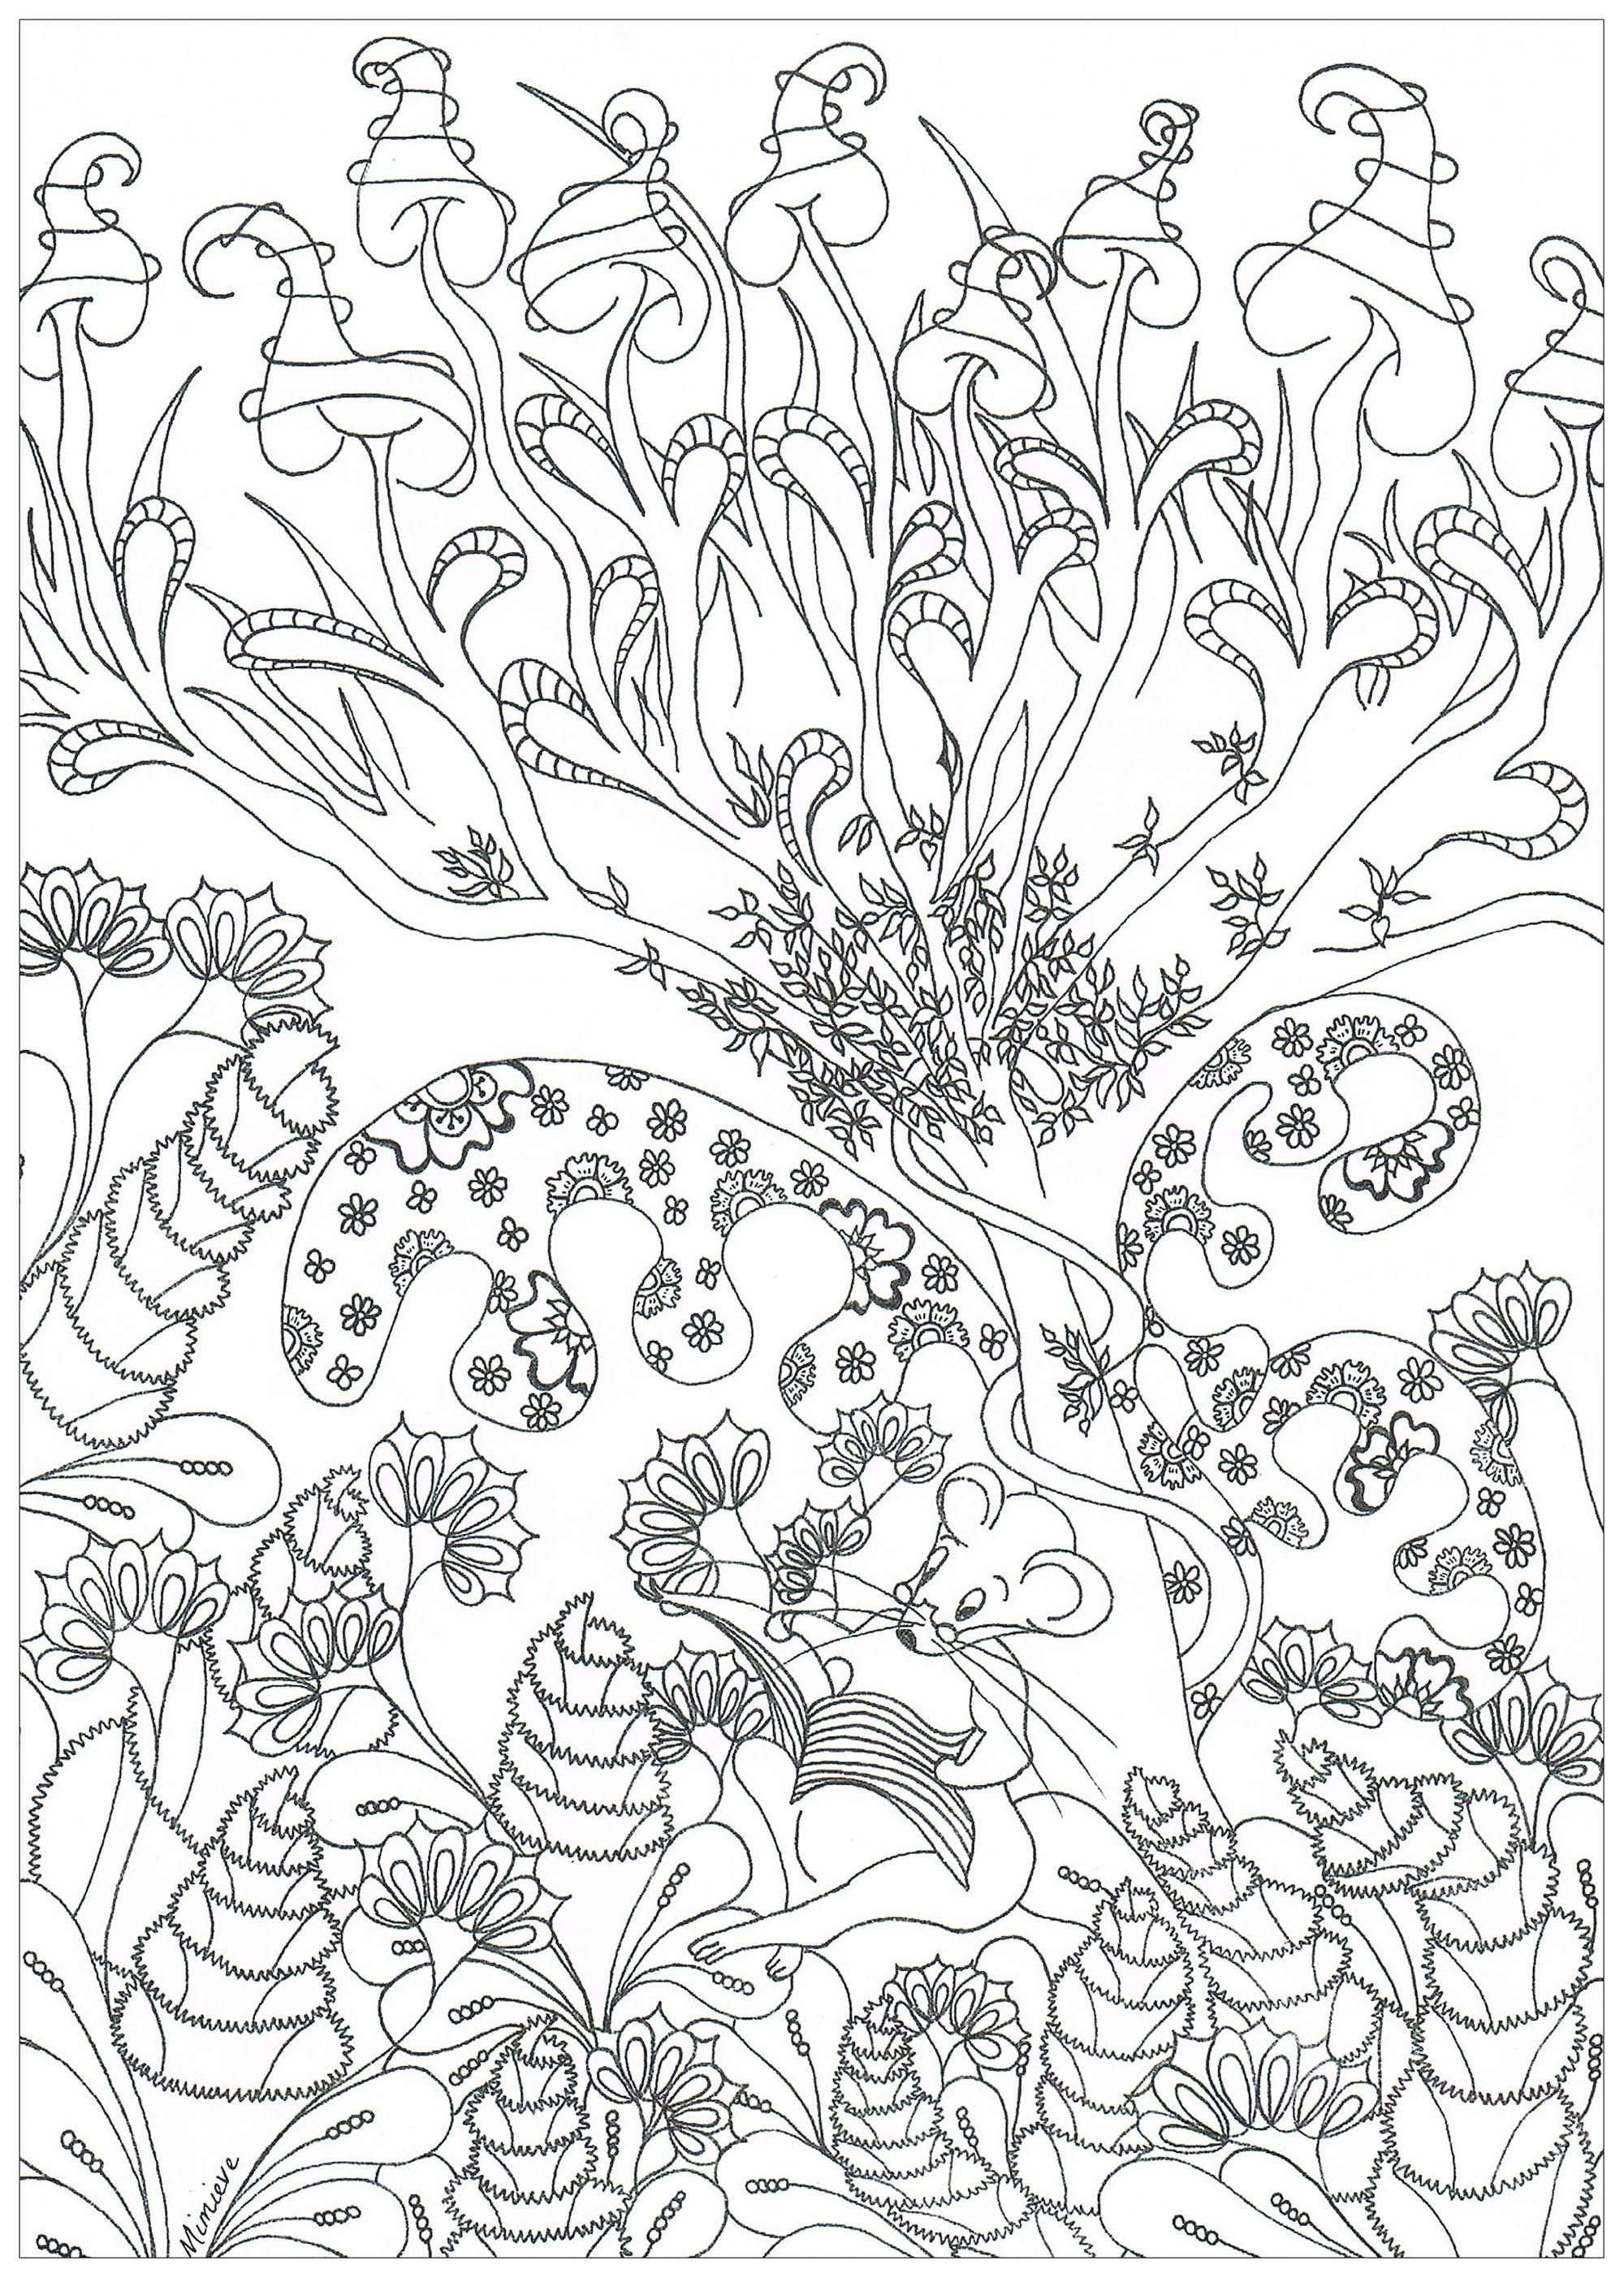 Disegni da colorare per adulti : Giungla e foresta - 1